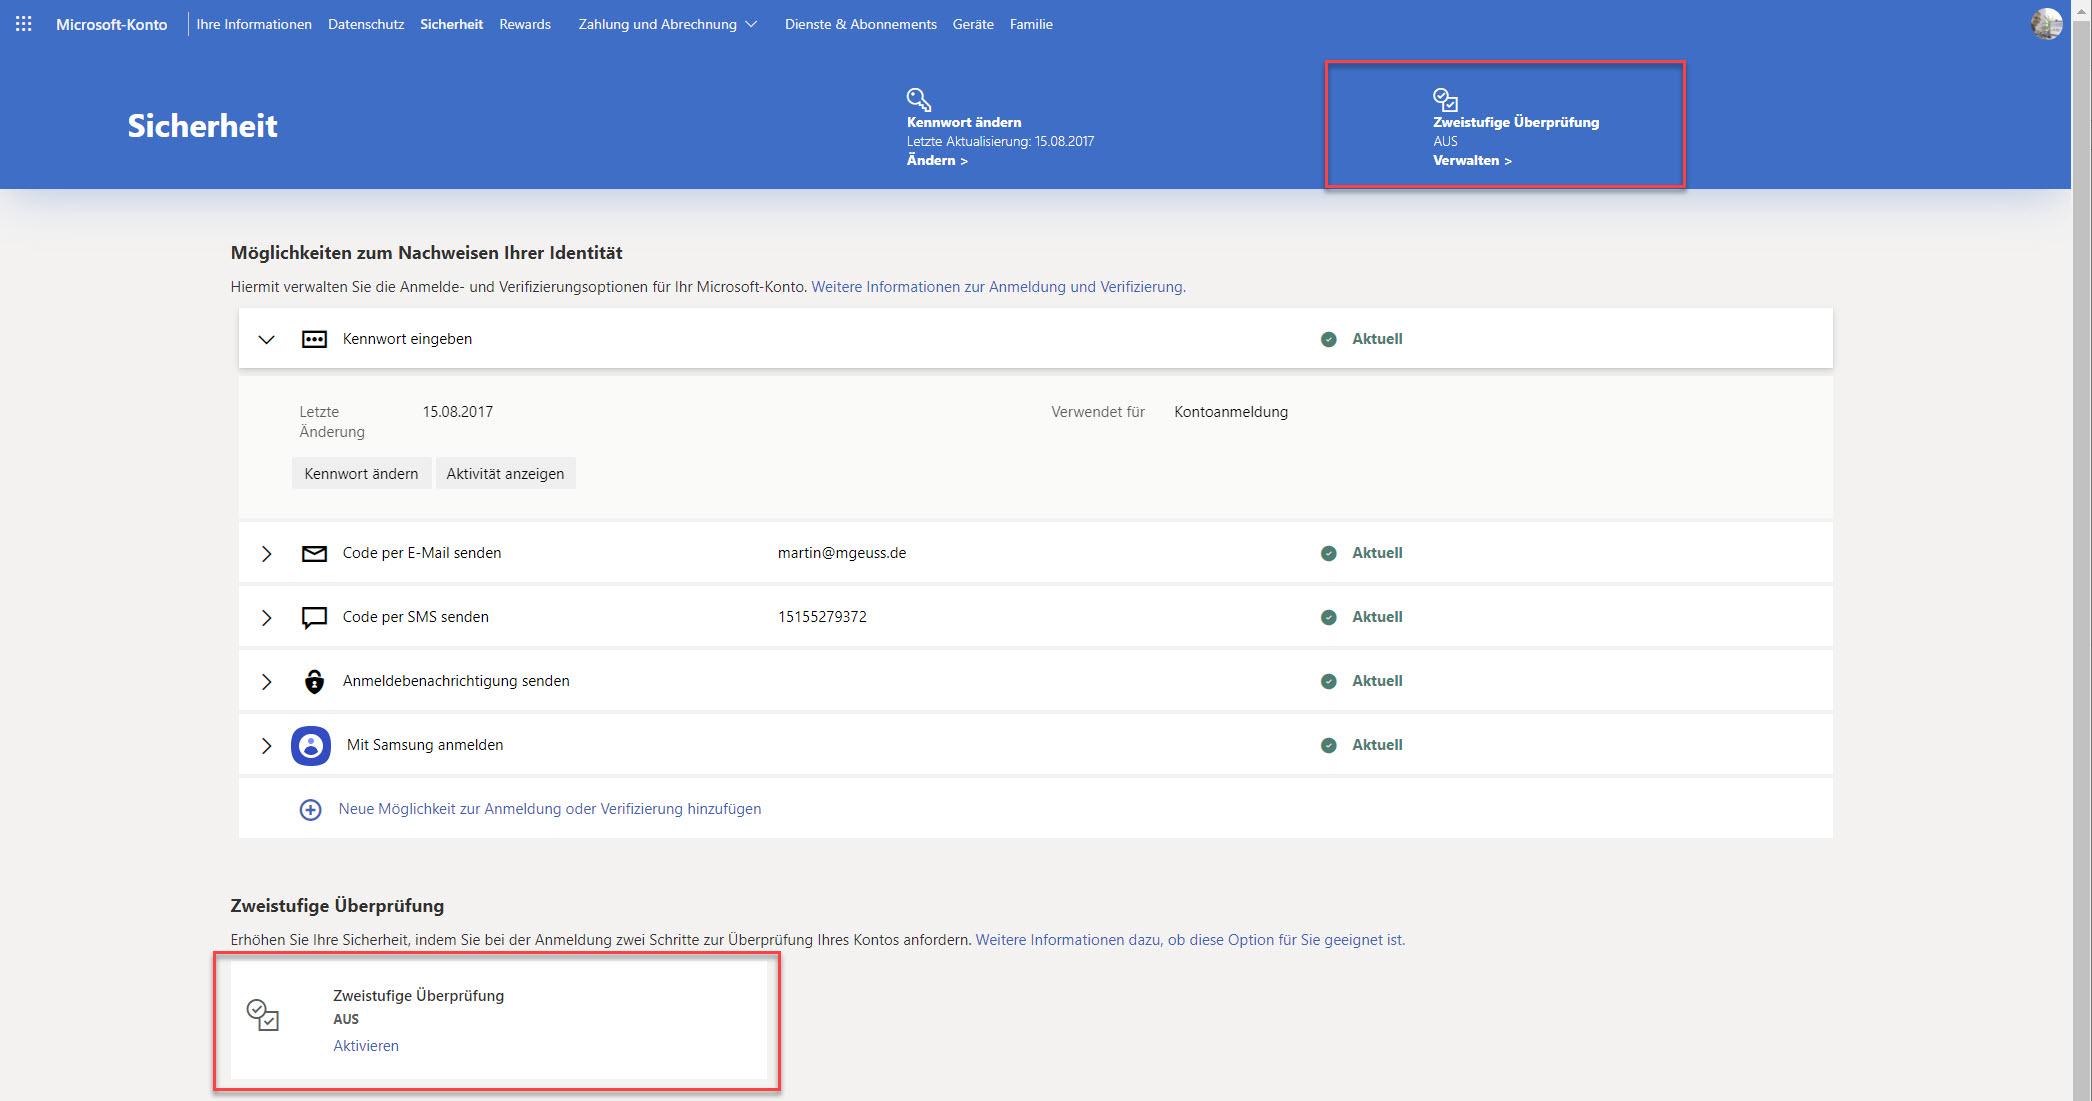 Microsoft-Konto mit deaktivierter 2-Faktor-Authentifizierung